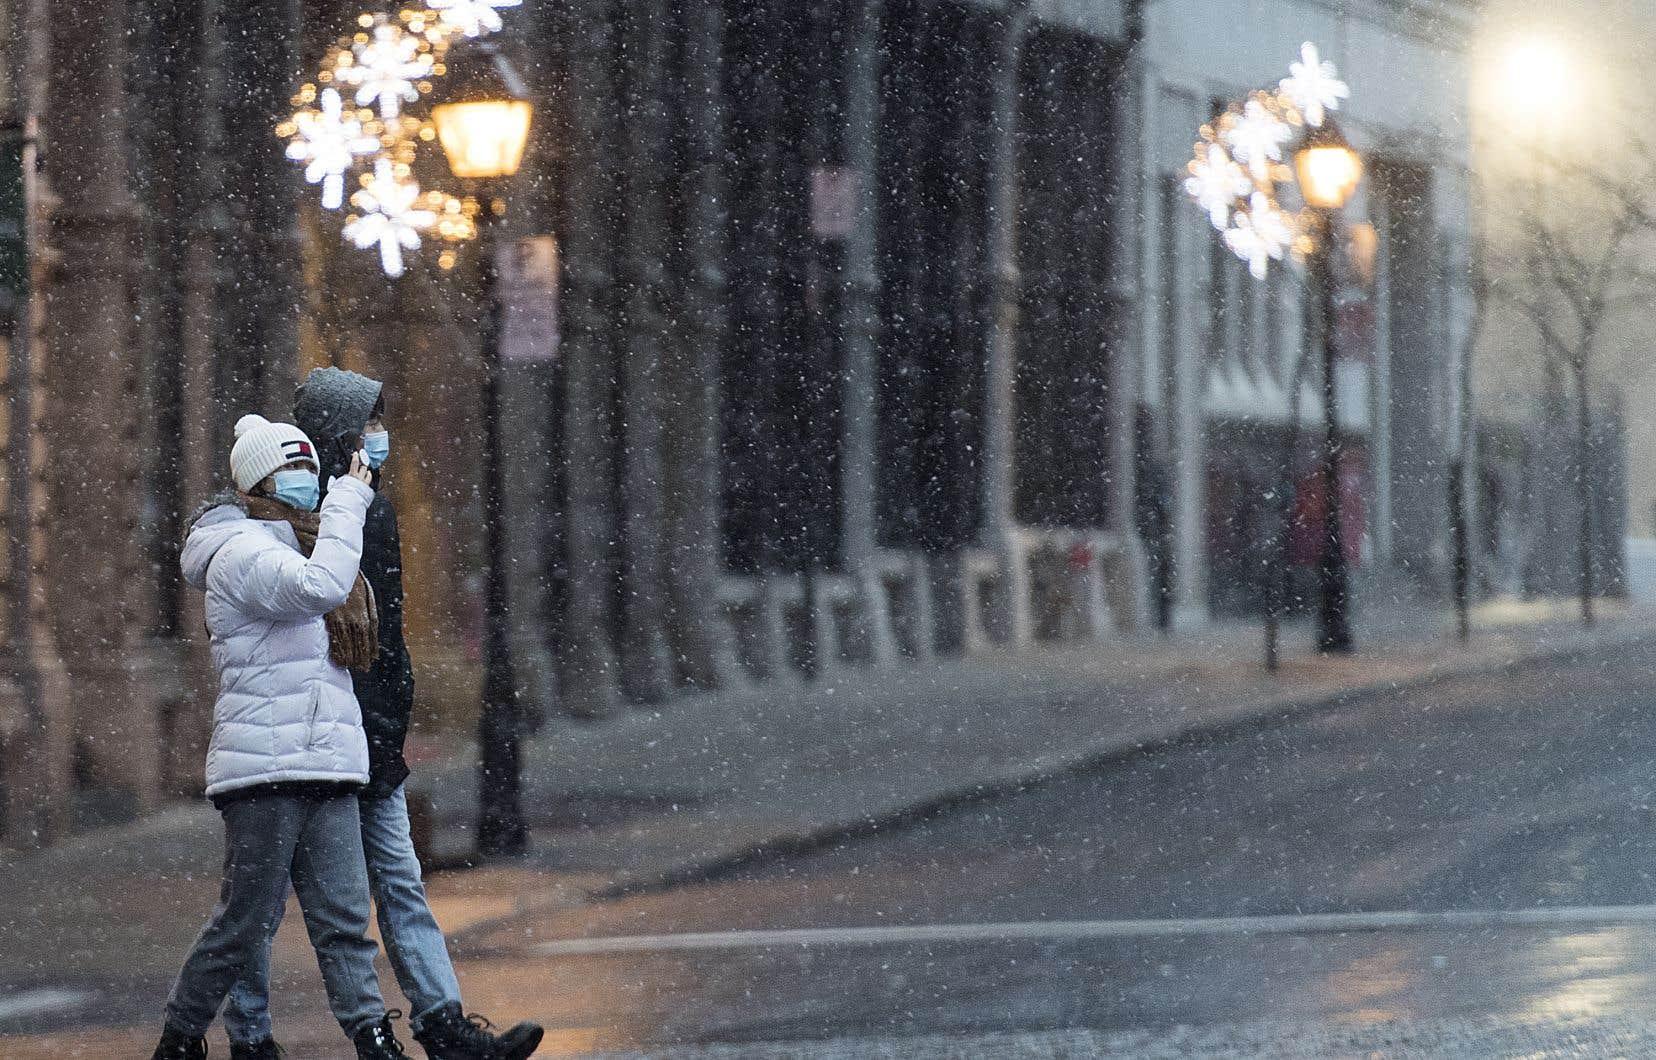 Des passants circulent dans les rues de Montréal alors que la neige tombe sur la ville.